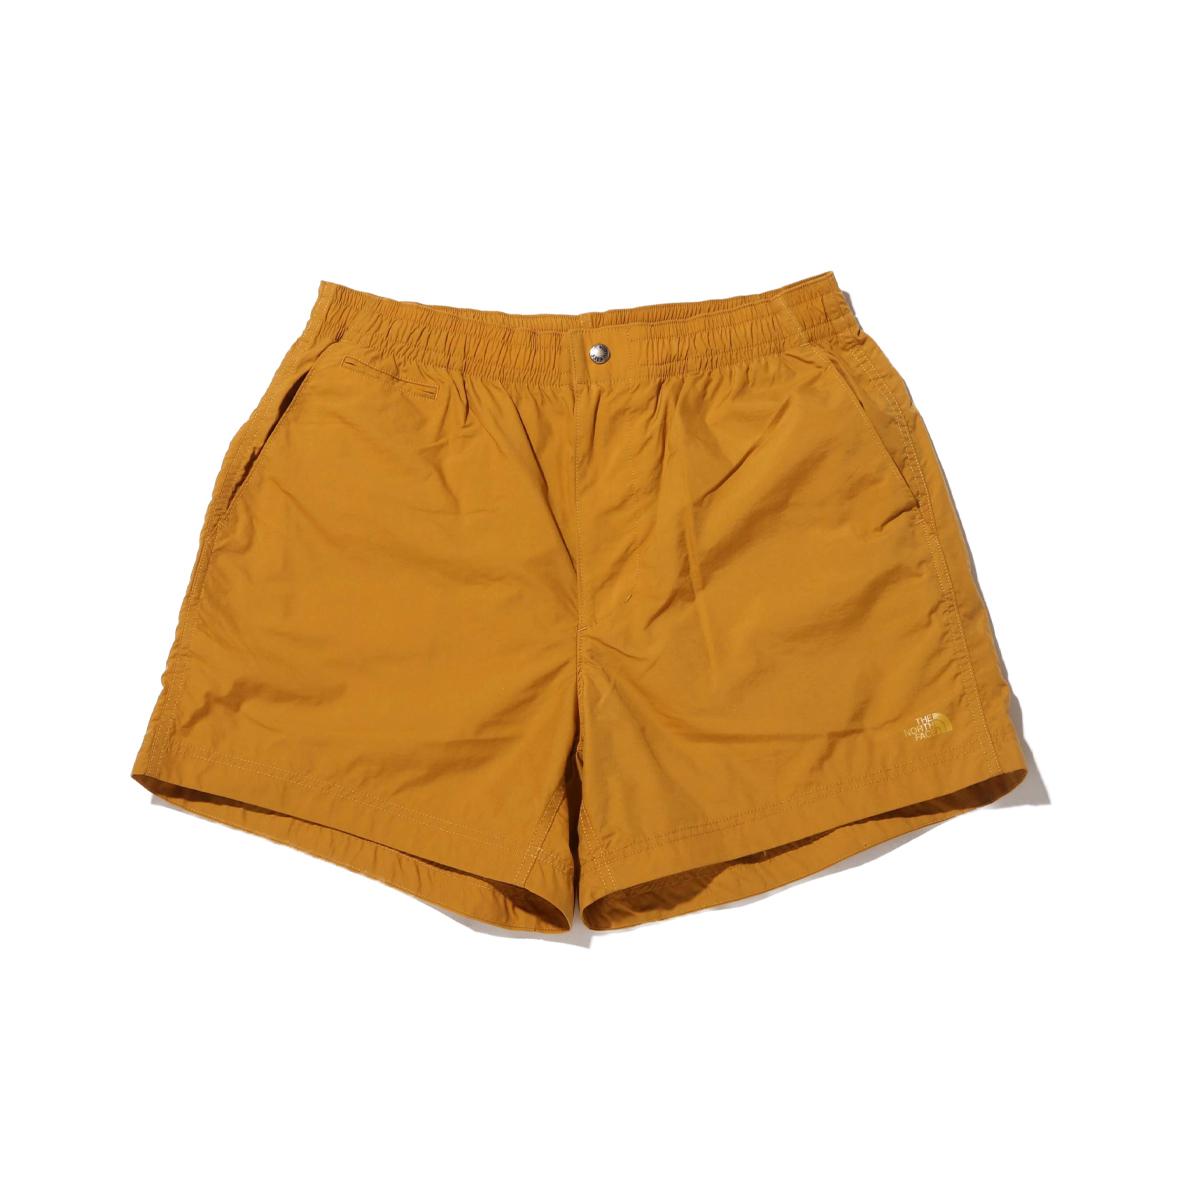 THE NORTH FACE PURPLE LABEL Mountain Field Shorts(MUSTAR)(ザ・ノース・フェイス パープルレーベル マウンテンフィルドショーツ)【メンズ】【ハーフパンツ】【20SS-I】